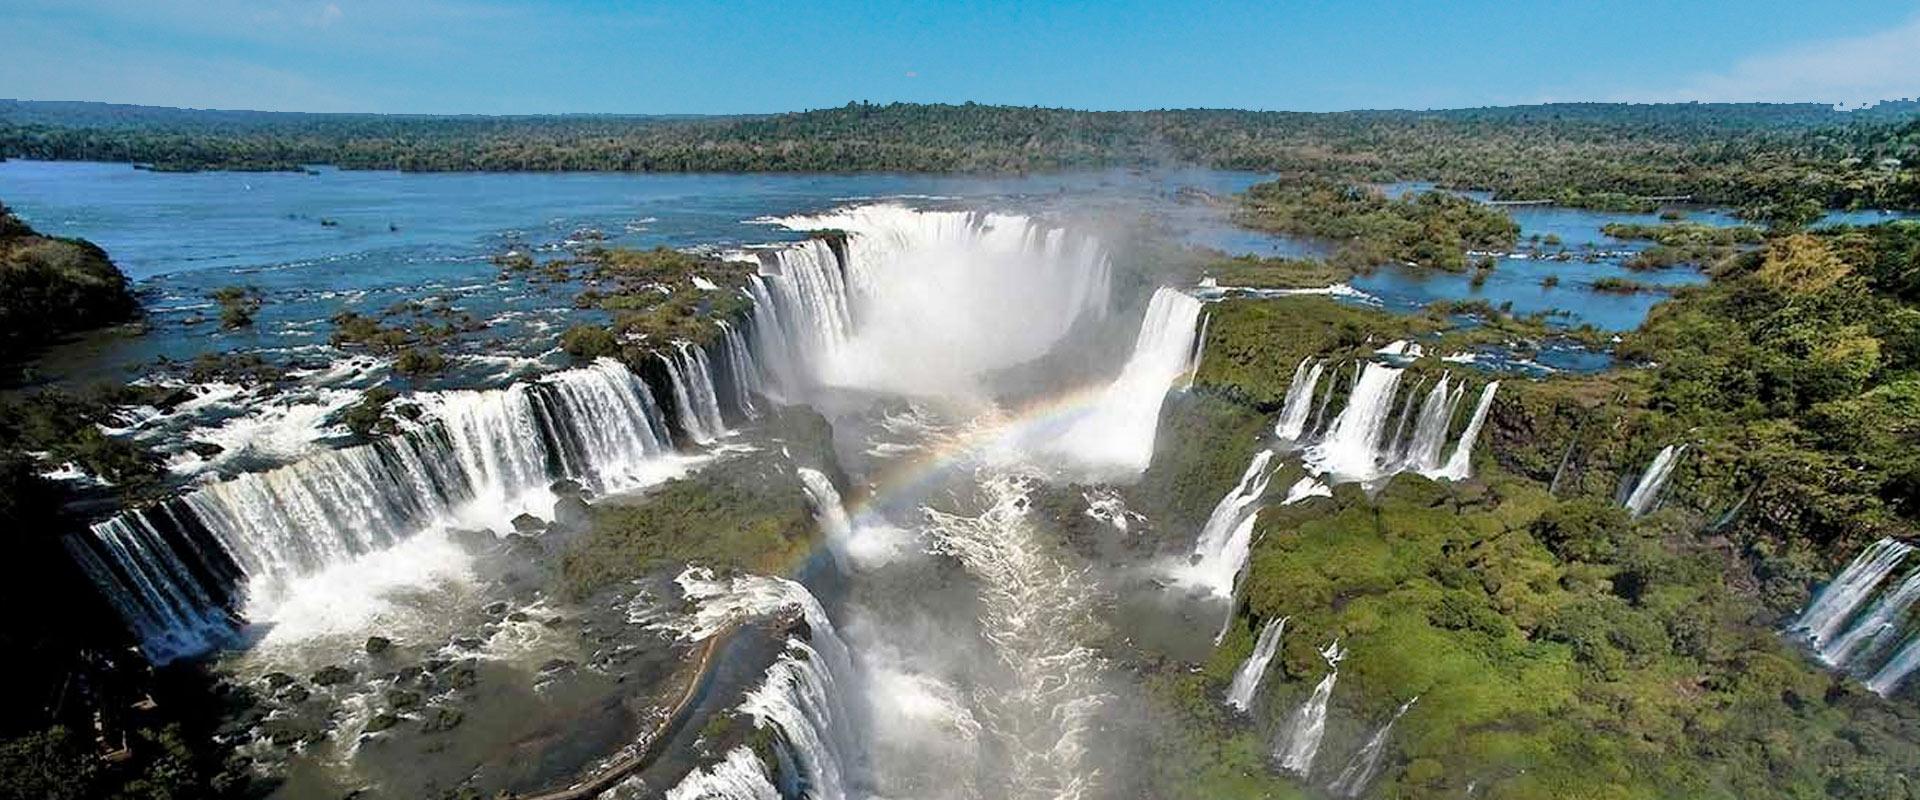 Foz do Iguaçu, A destination of exuberant nature | PR – Brazil